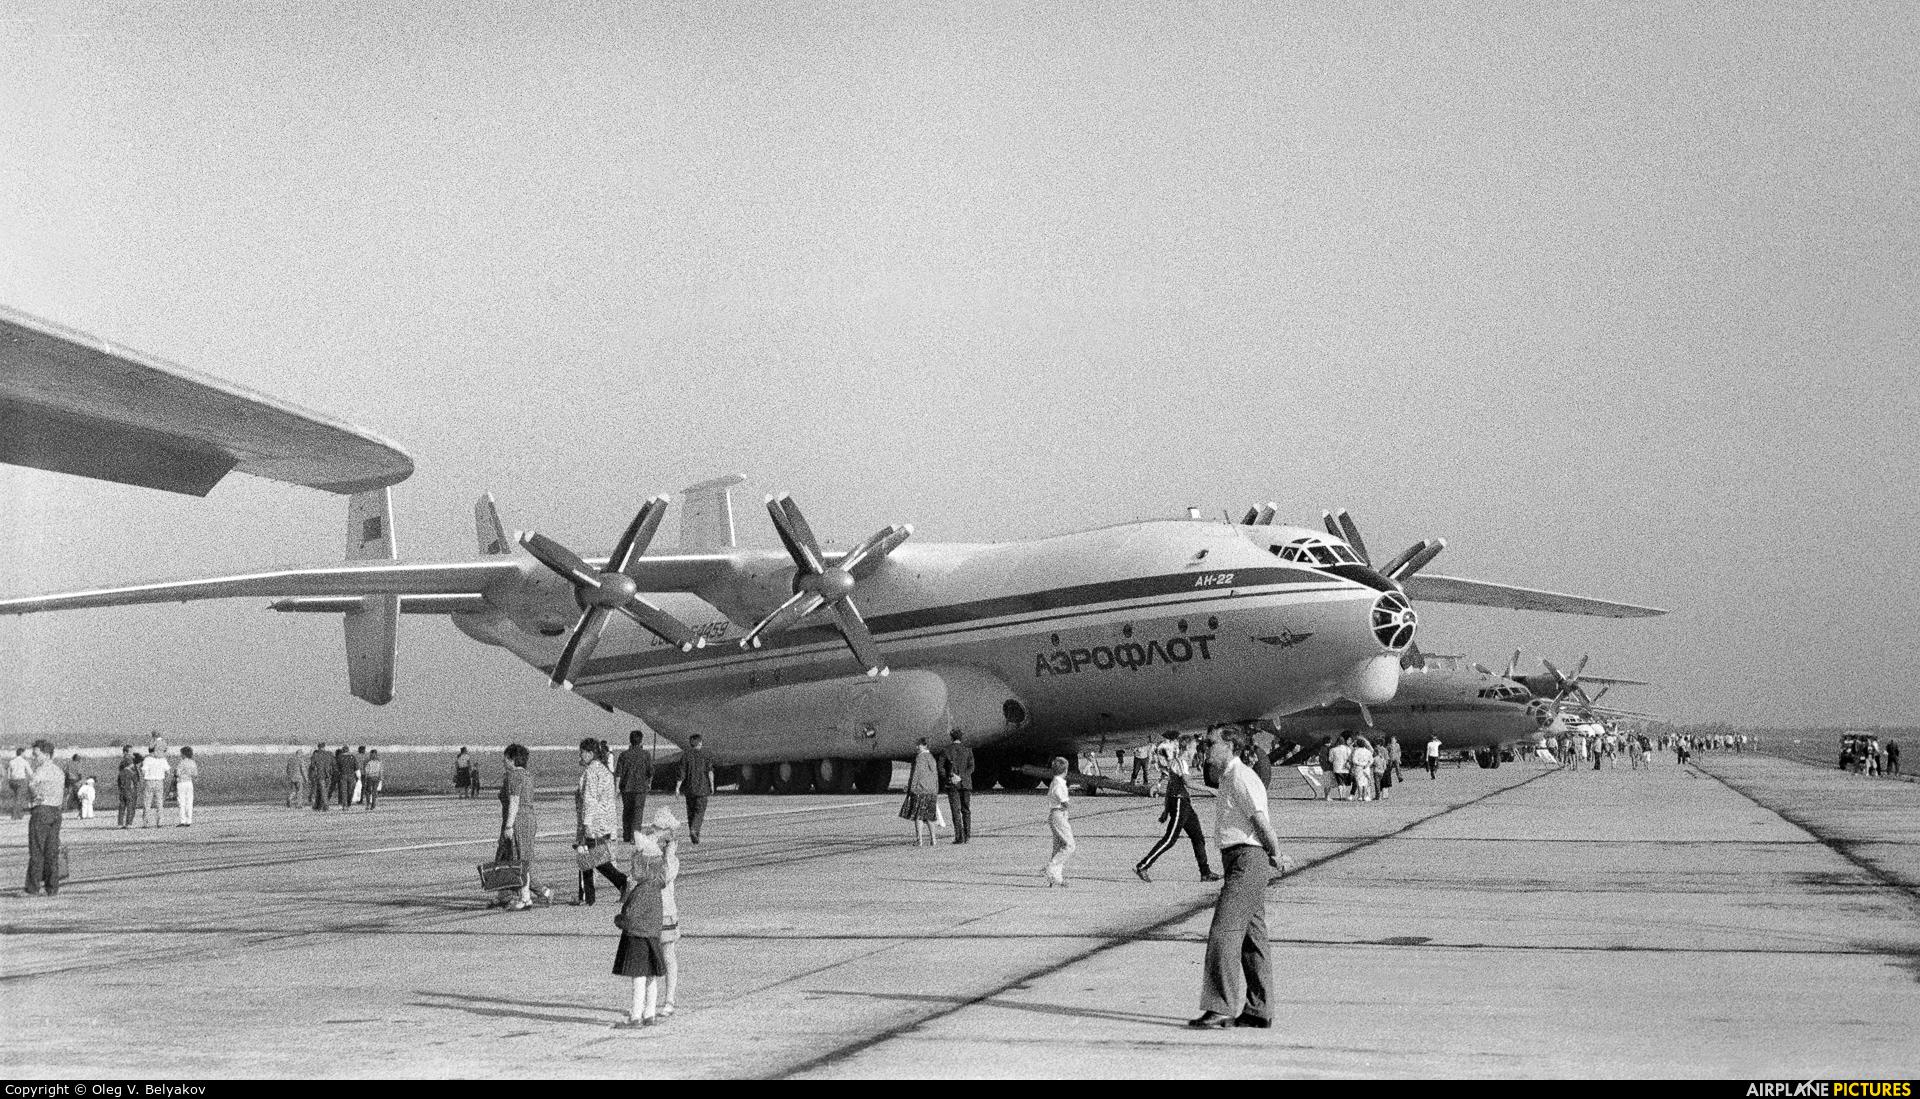 Antonov Airlines /  Design Bureau CCCP-64459 aircraft at Kyiv - Gostomel